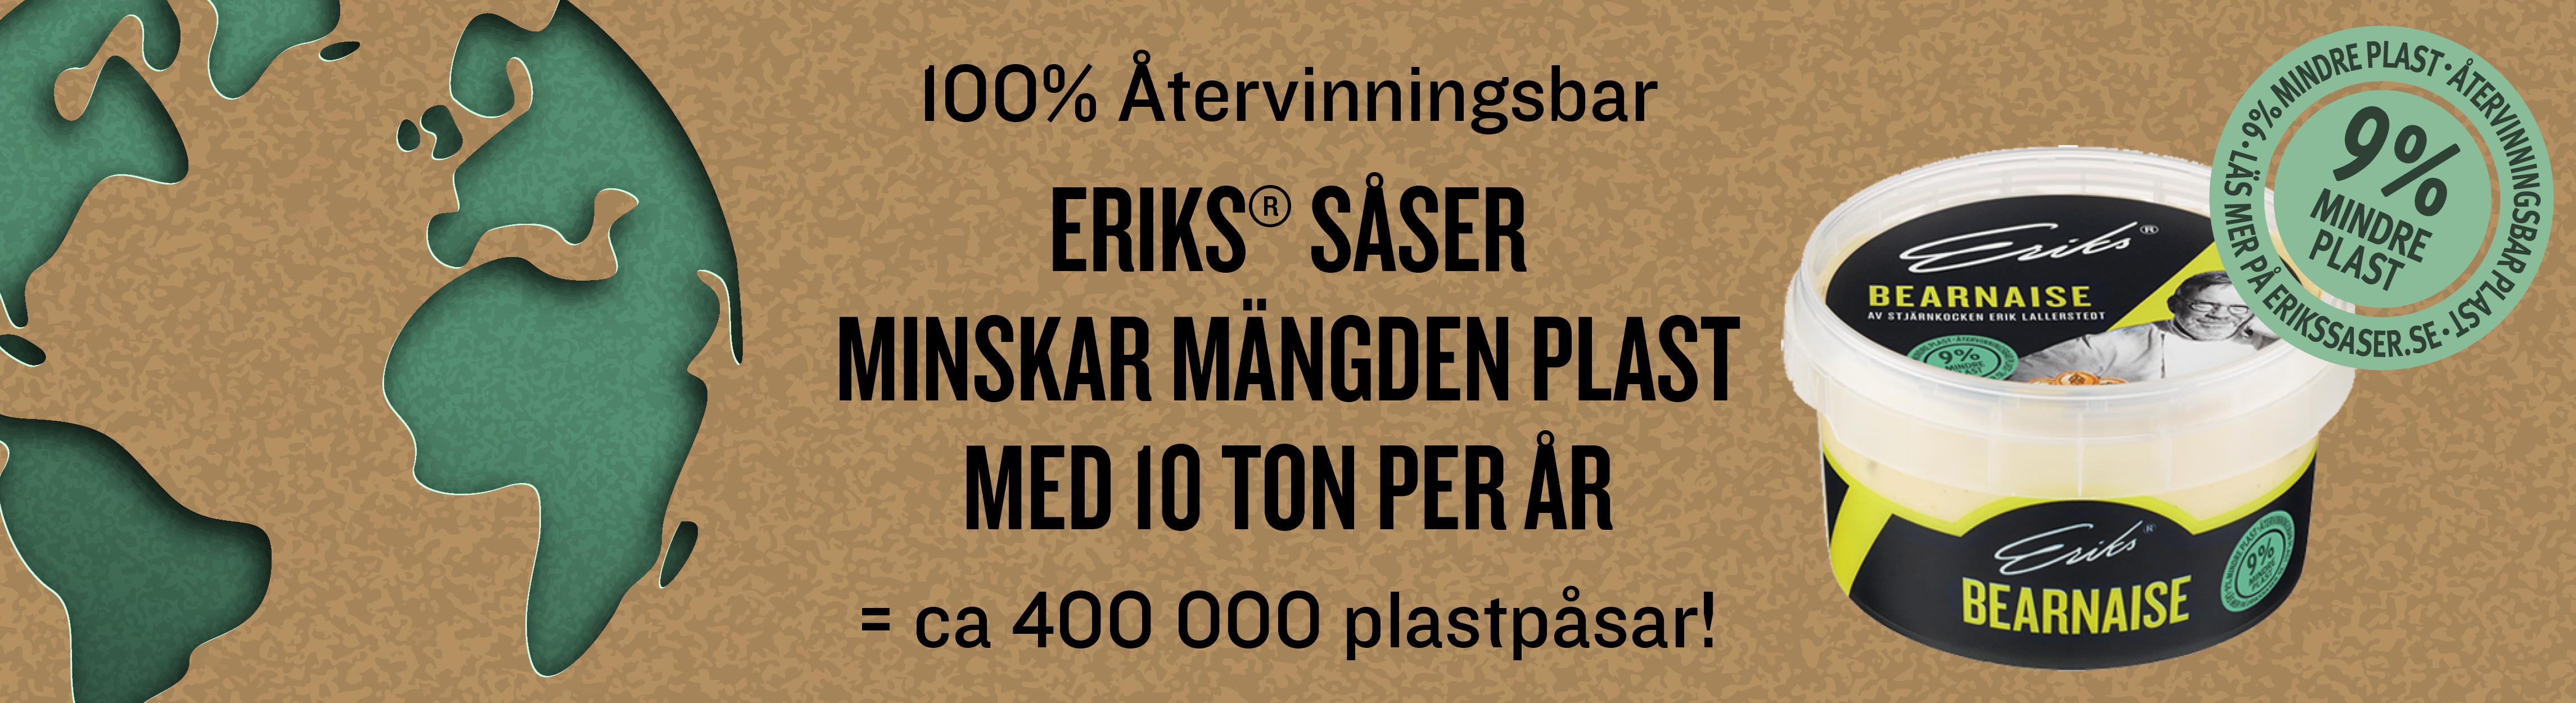 Eriks såser minskar mängden plast med 10 ton per år, det är ca 400 000 plastpåsar.